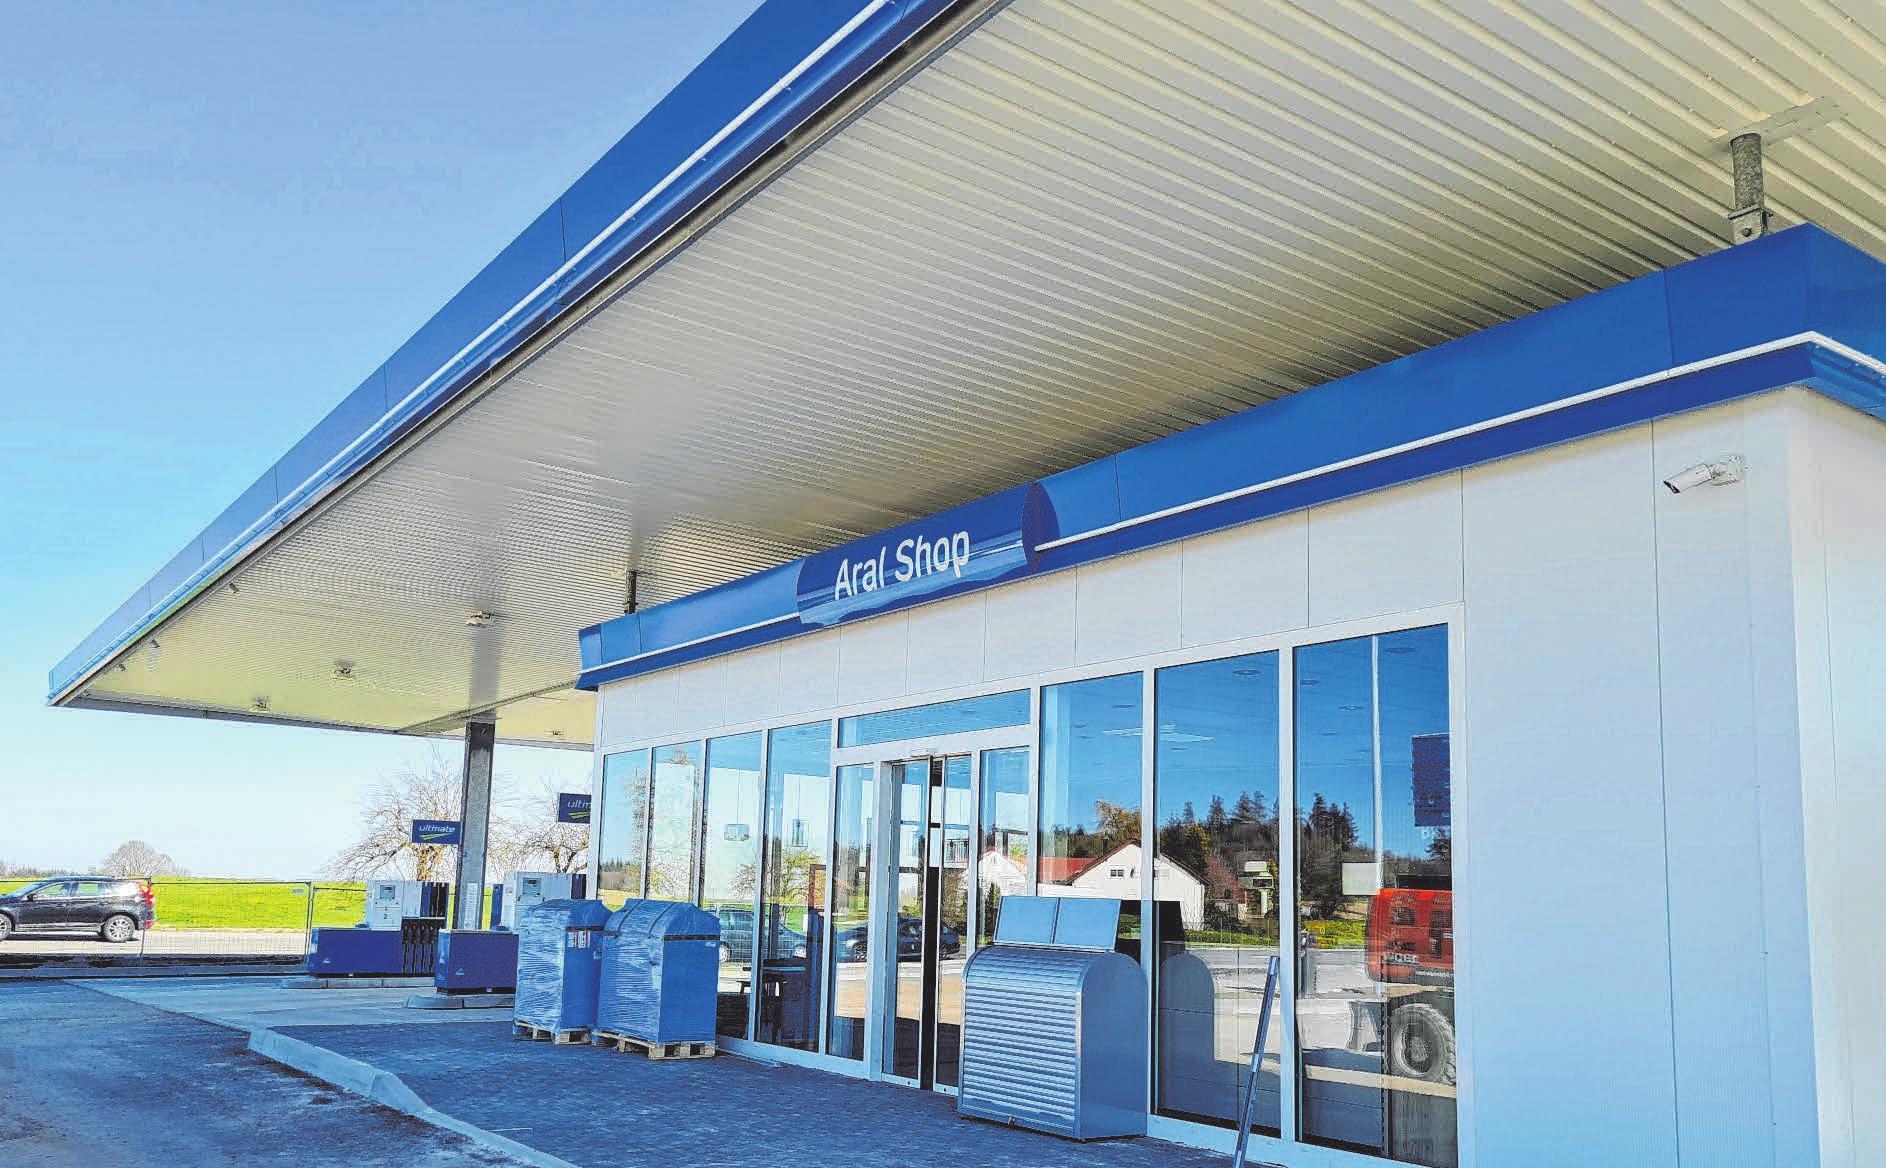 Der Eingangsbereich zum modern ausgestatteten Tankstellen-Shop mit bodentiefen Fenstern.